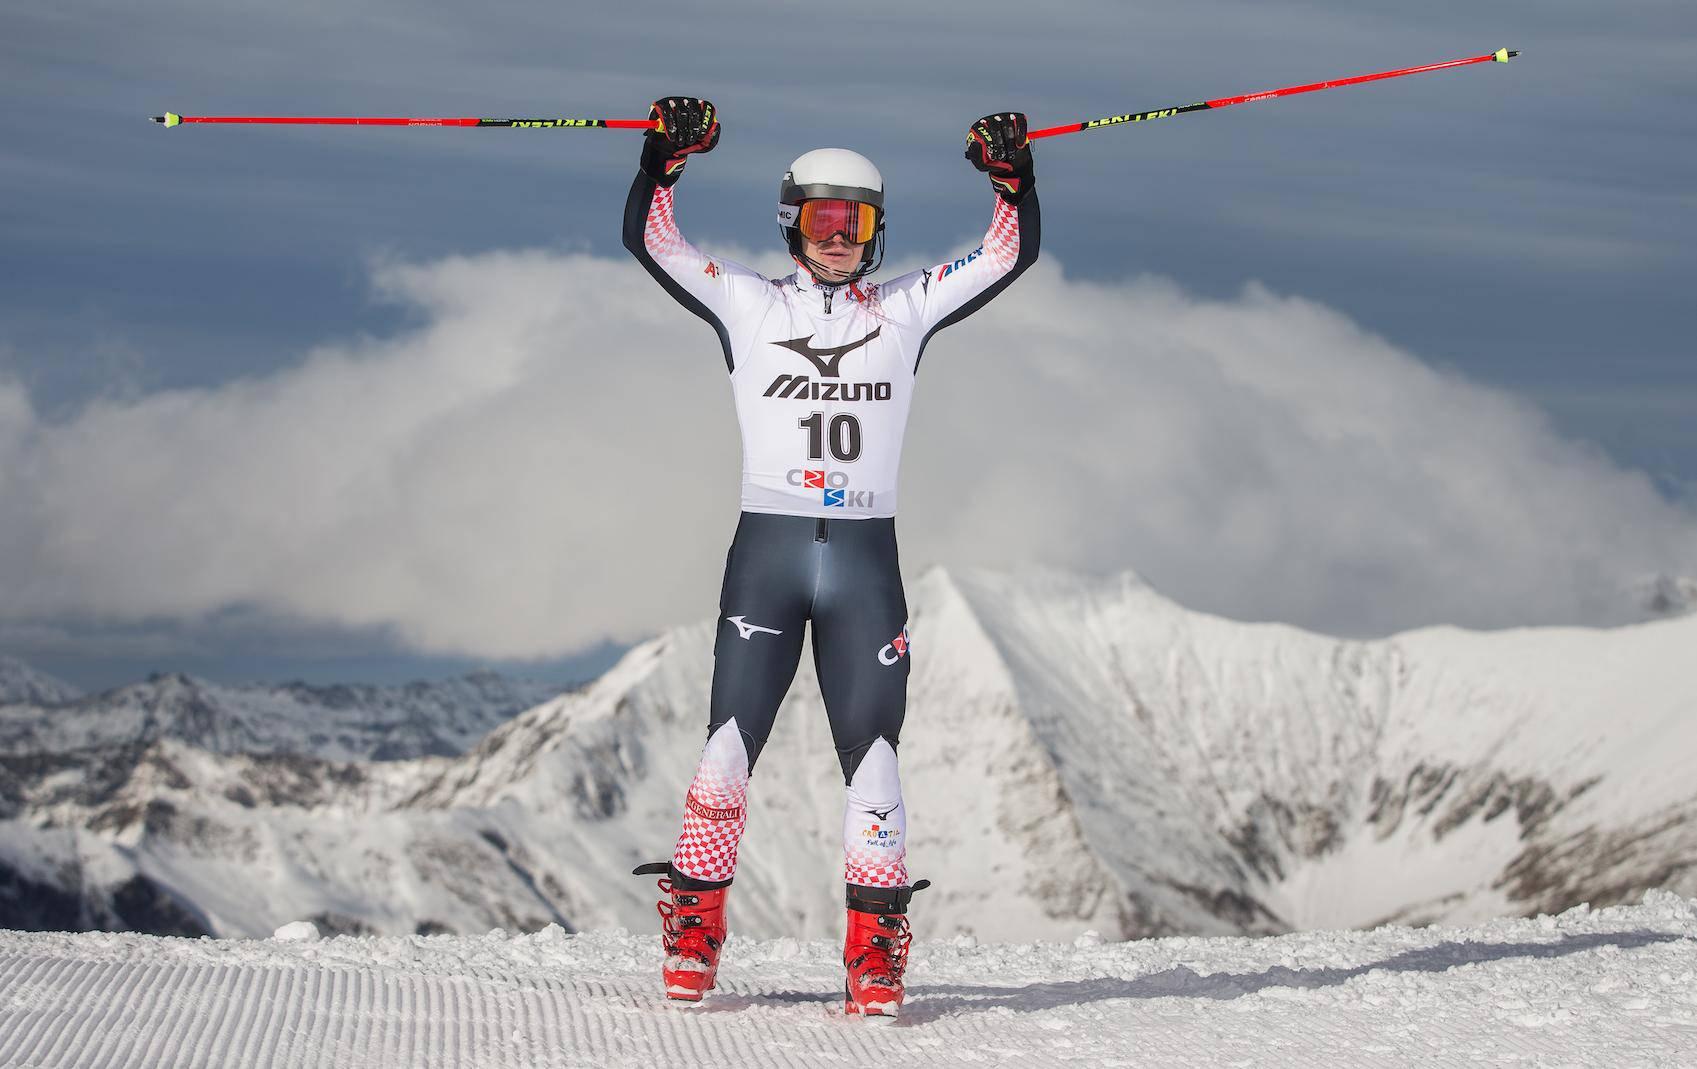 Sjajni Filip Zubčić pobijedio je dvaput u FIS superveleslalomu